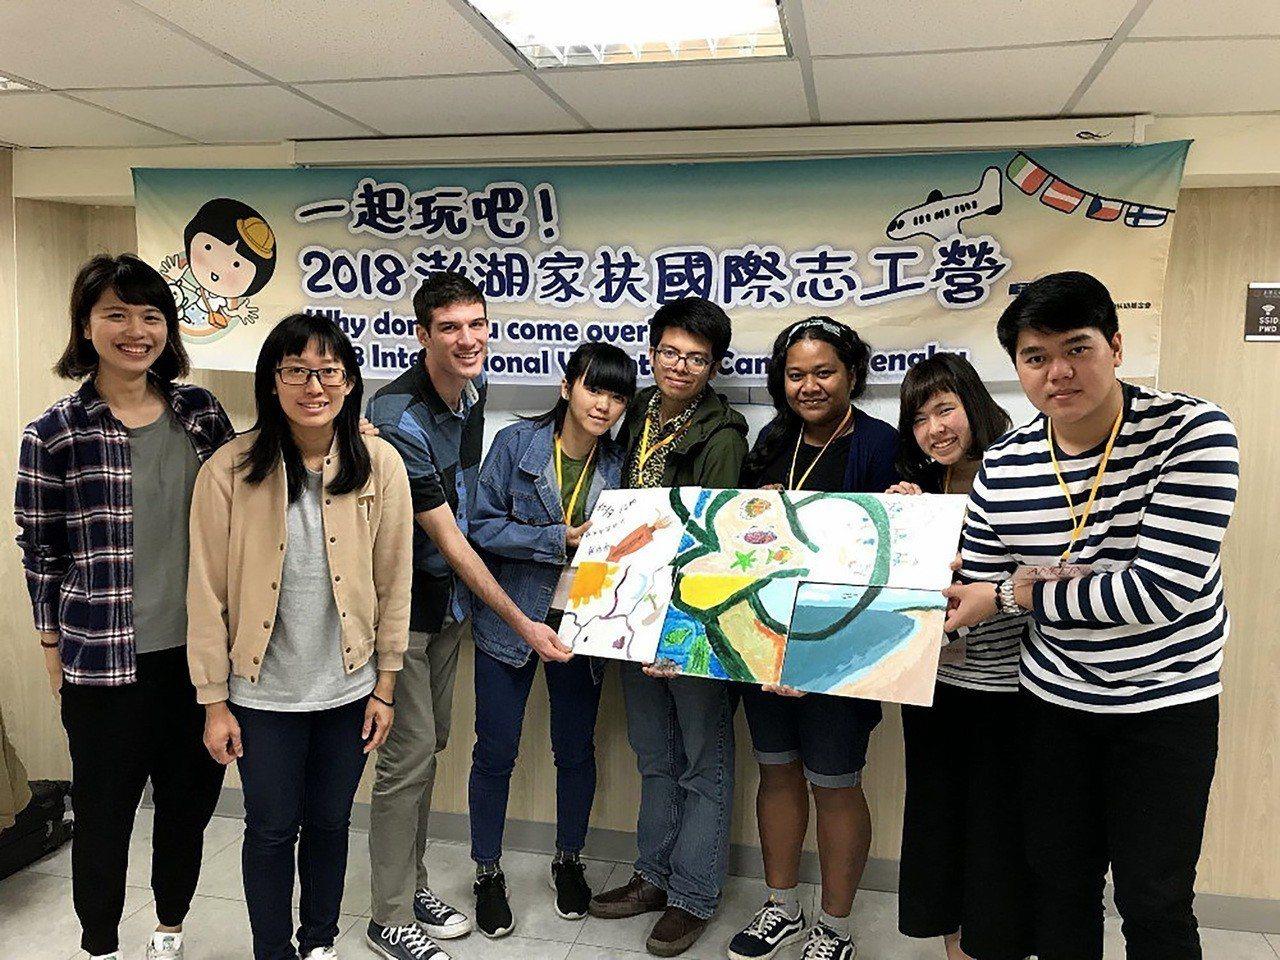 澎湖家扶中心在今年的國際志工營中,選出來自美國、日本、印度、菲律賓、越南、所羅門...